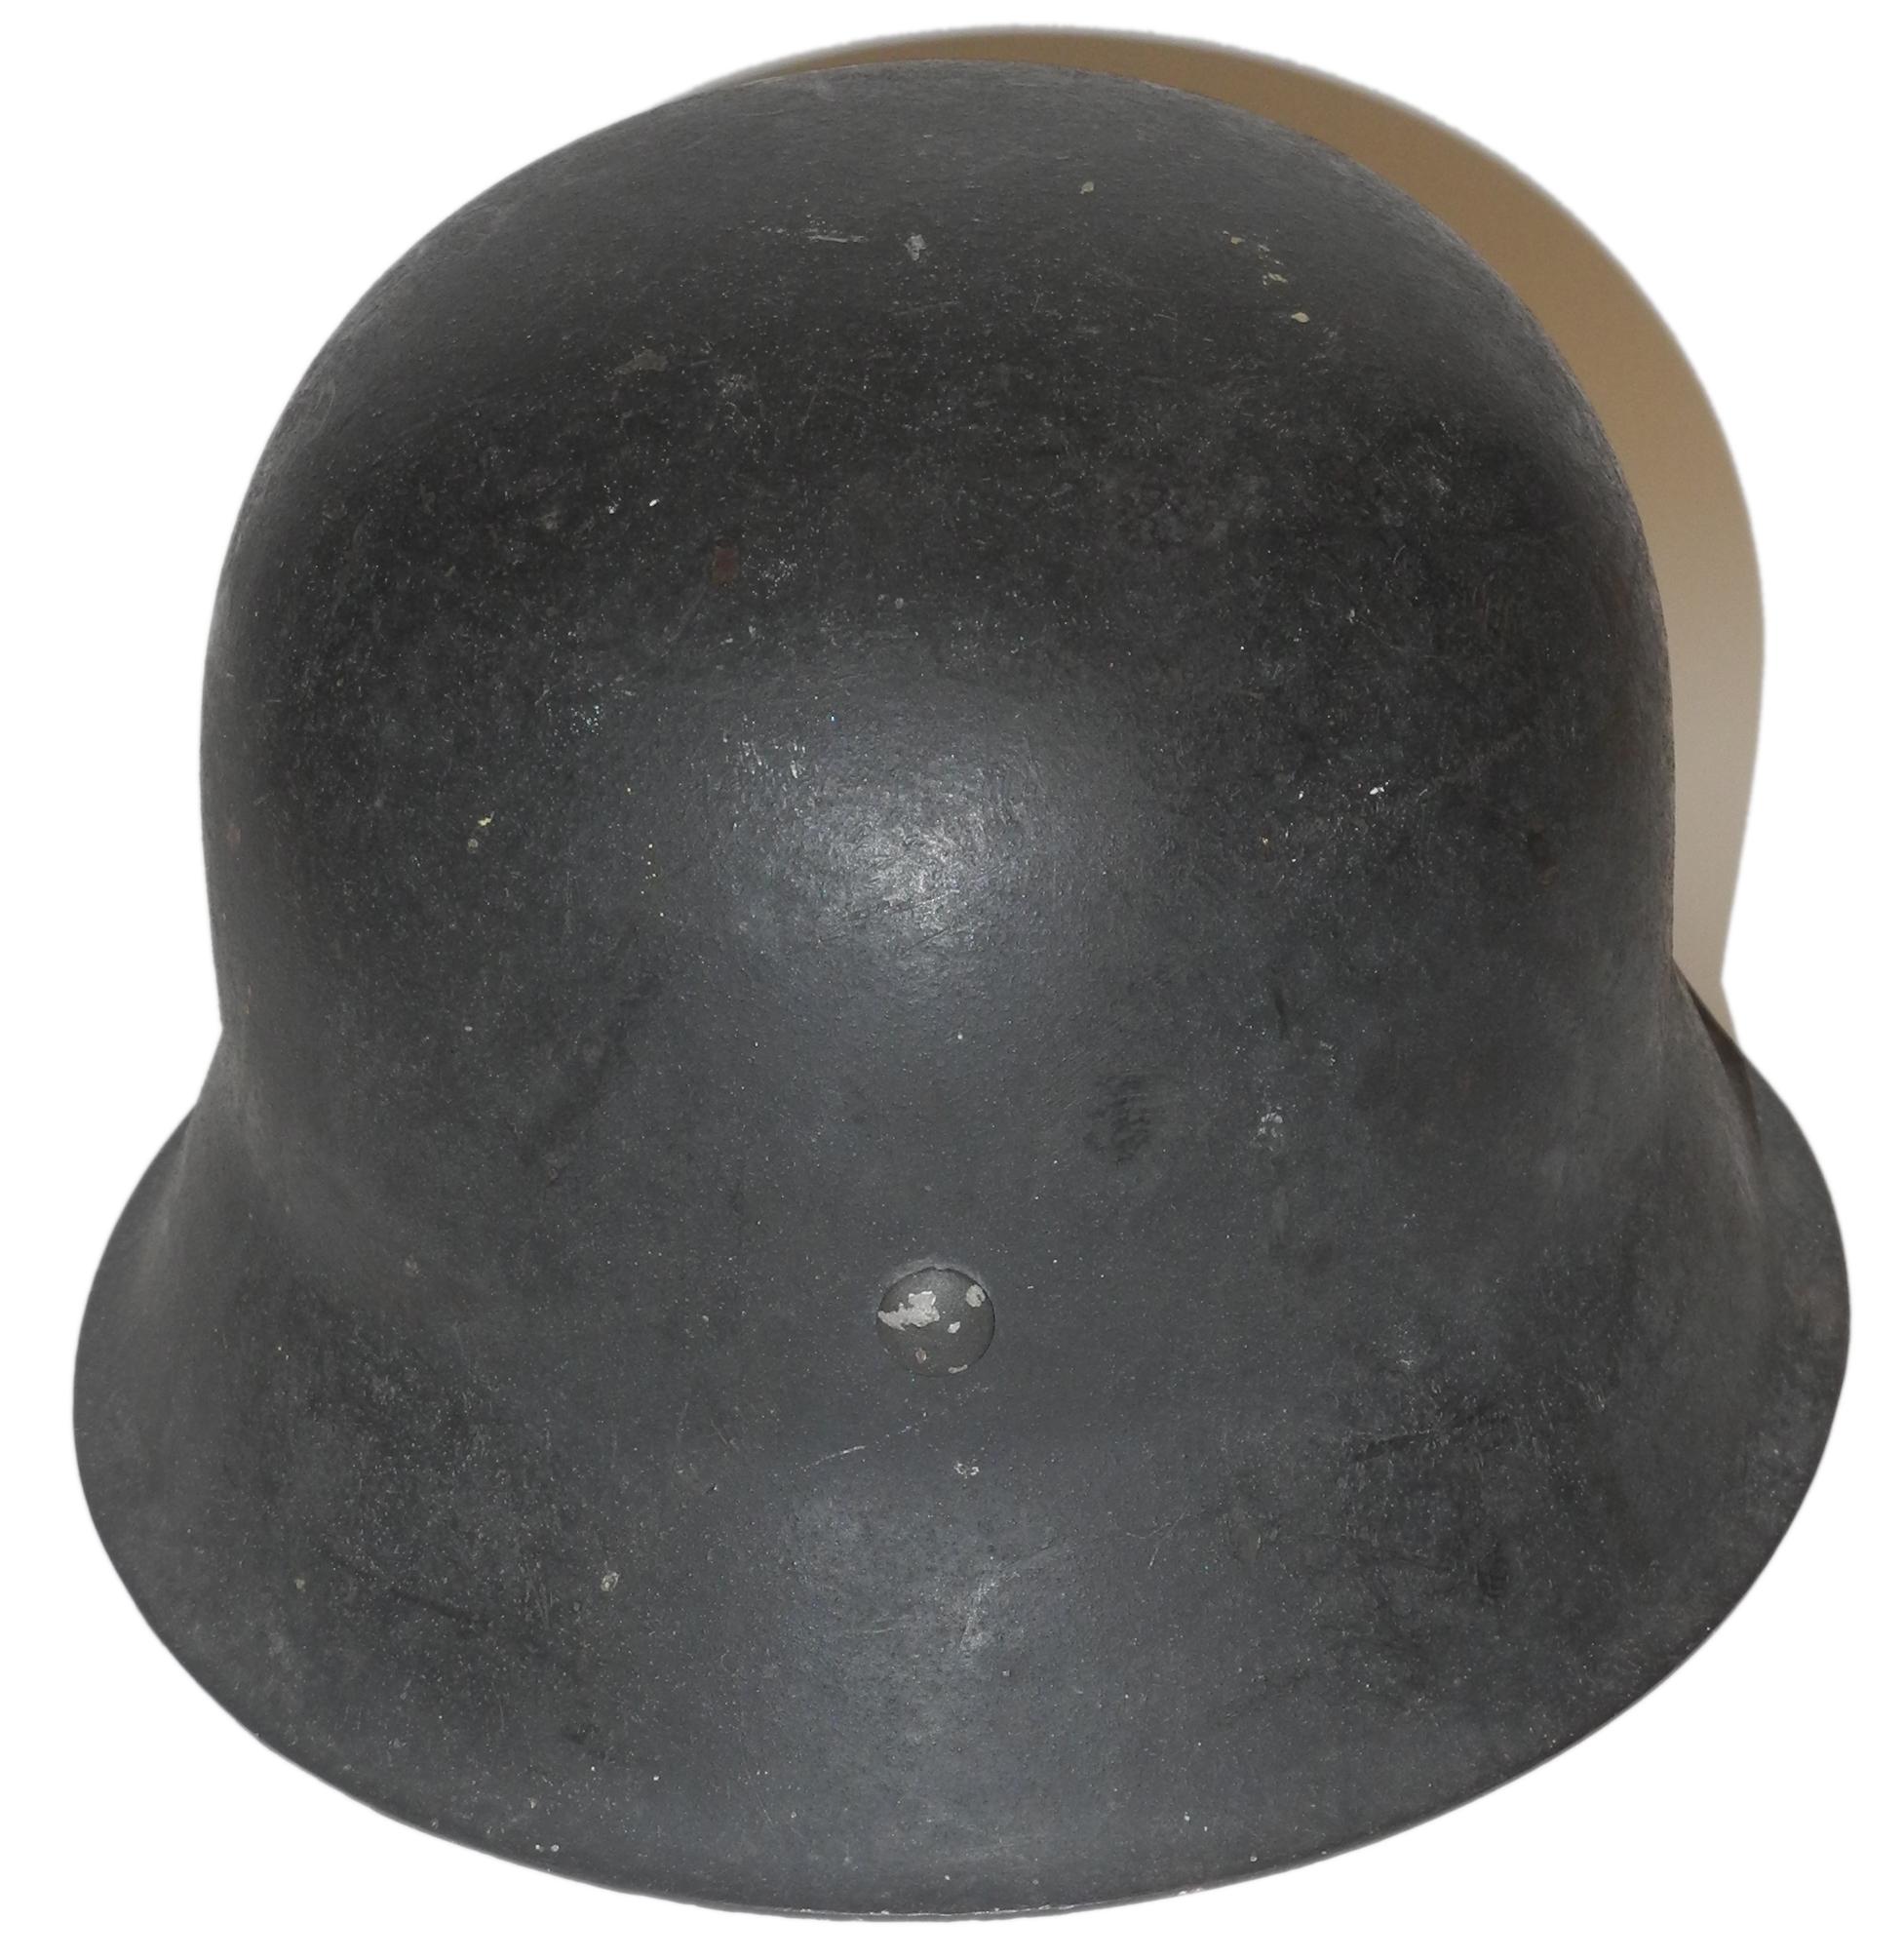 LW M42 steel helmet